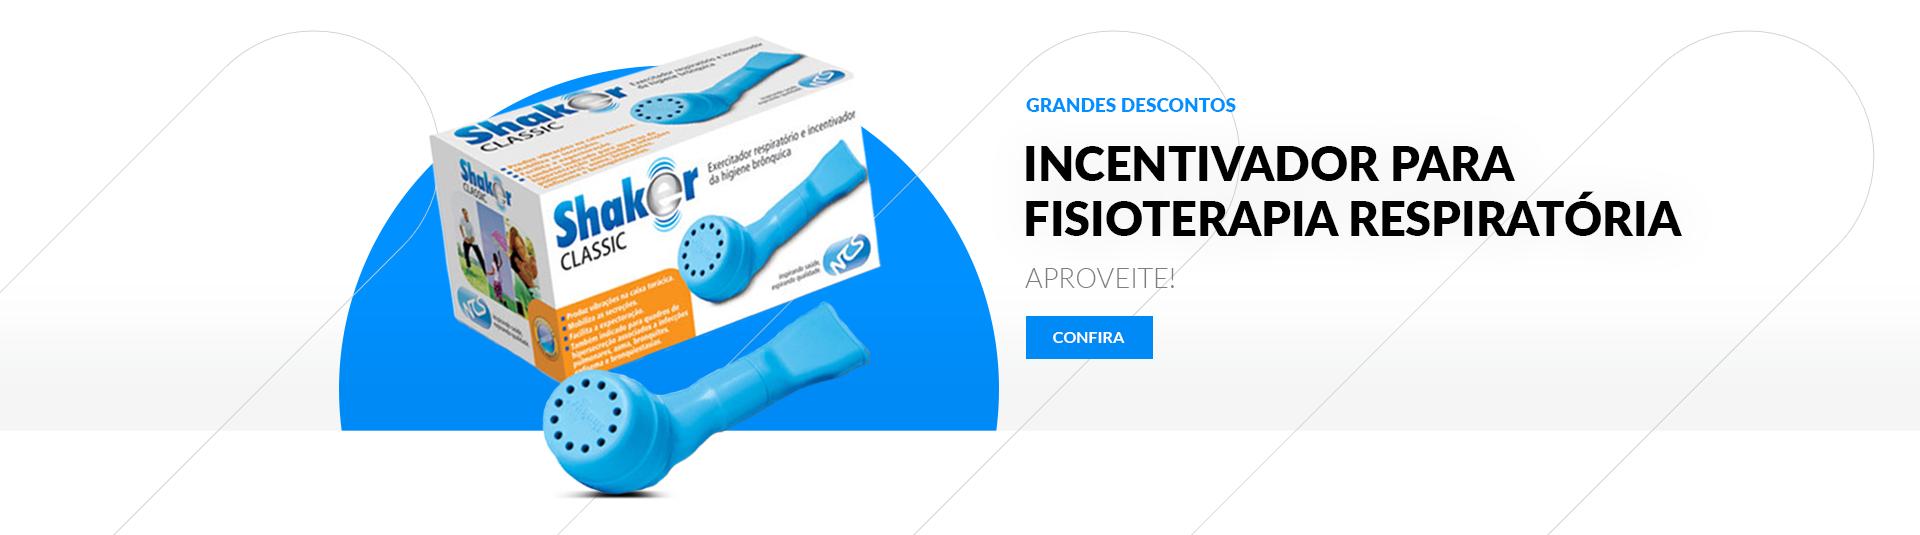 Incentivador para Fisioterapia Respiratória Shaker Classic - NCS